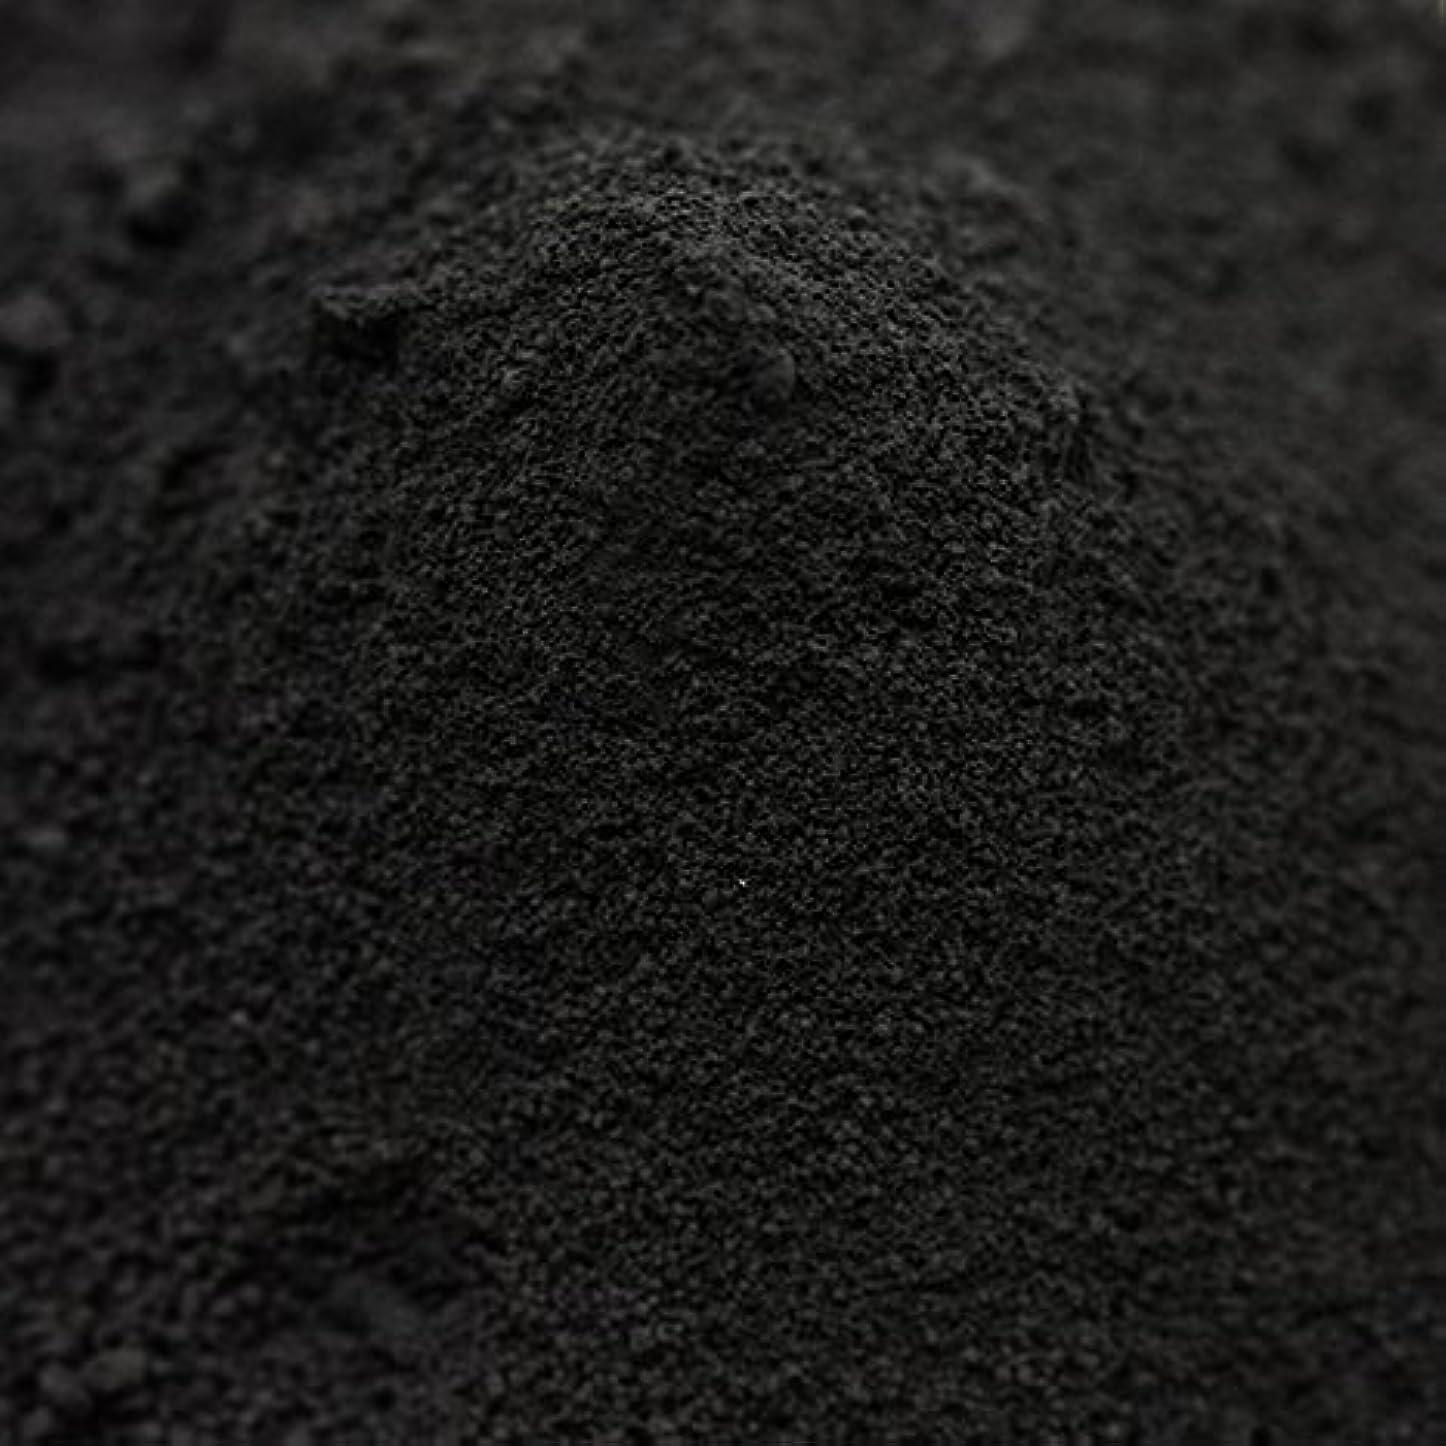 コテージ海峡延ばす竹炭パウダー(超微粉末) 20g 【手作り石鹸/手作りコスメに】